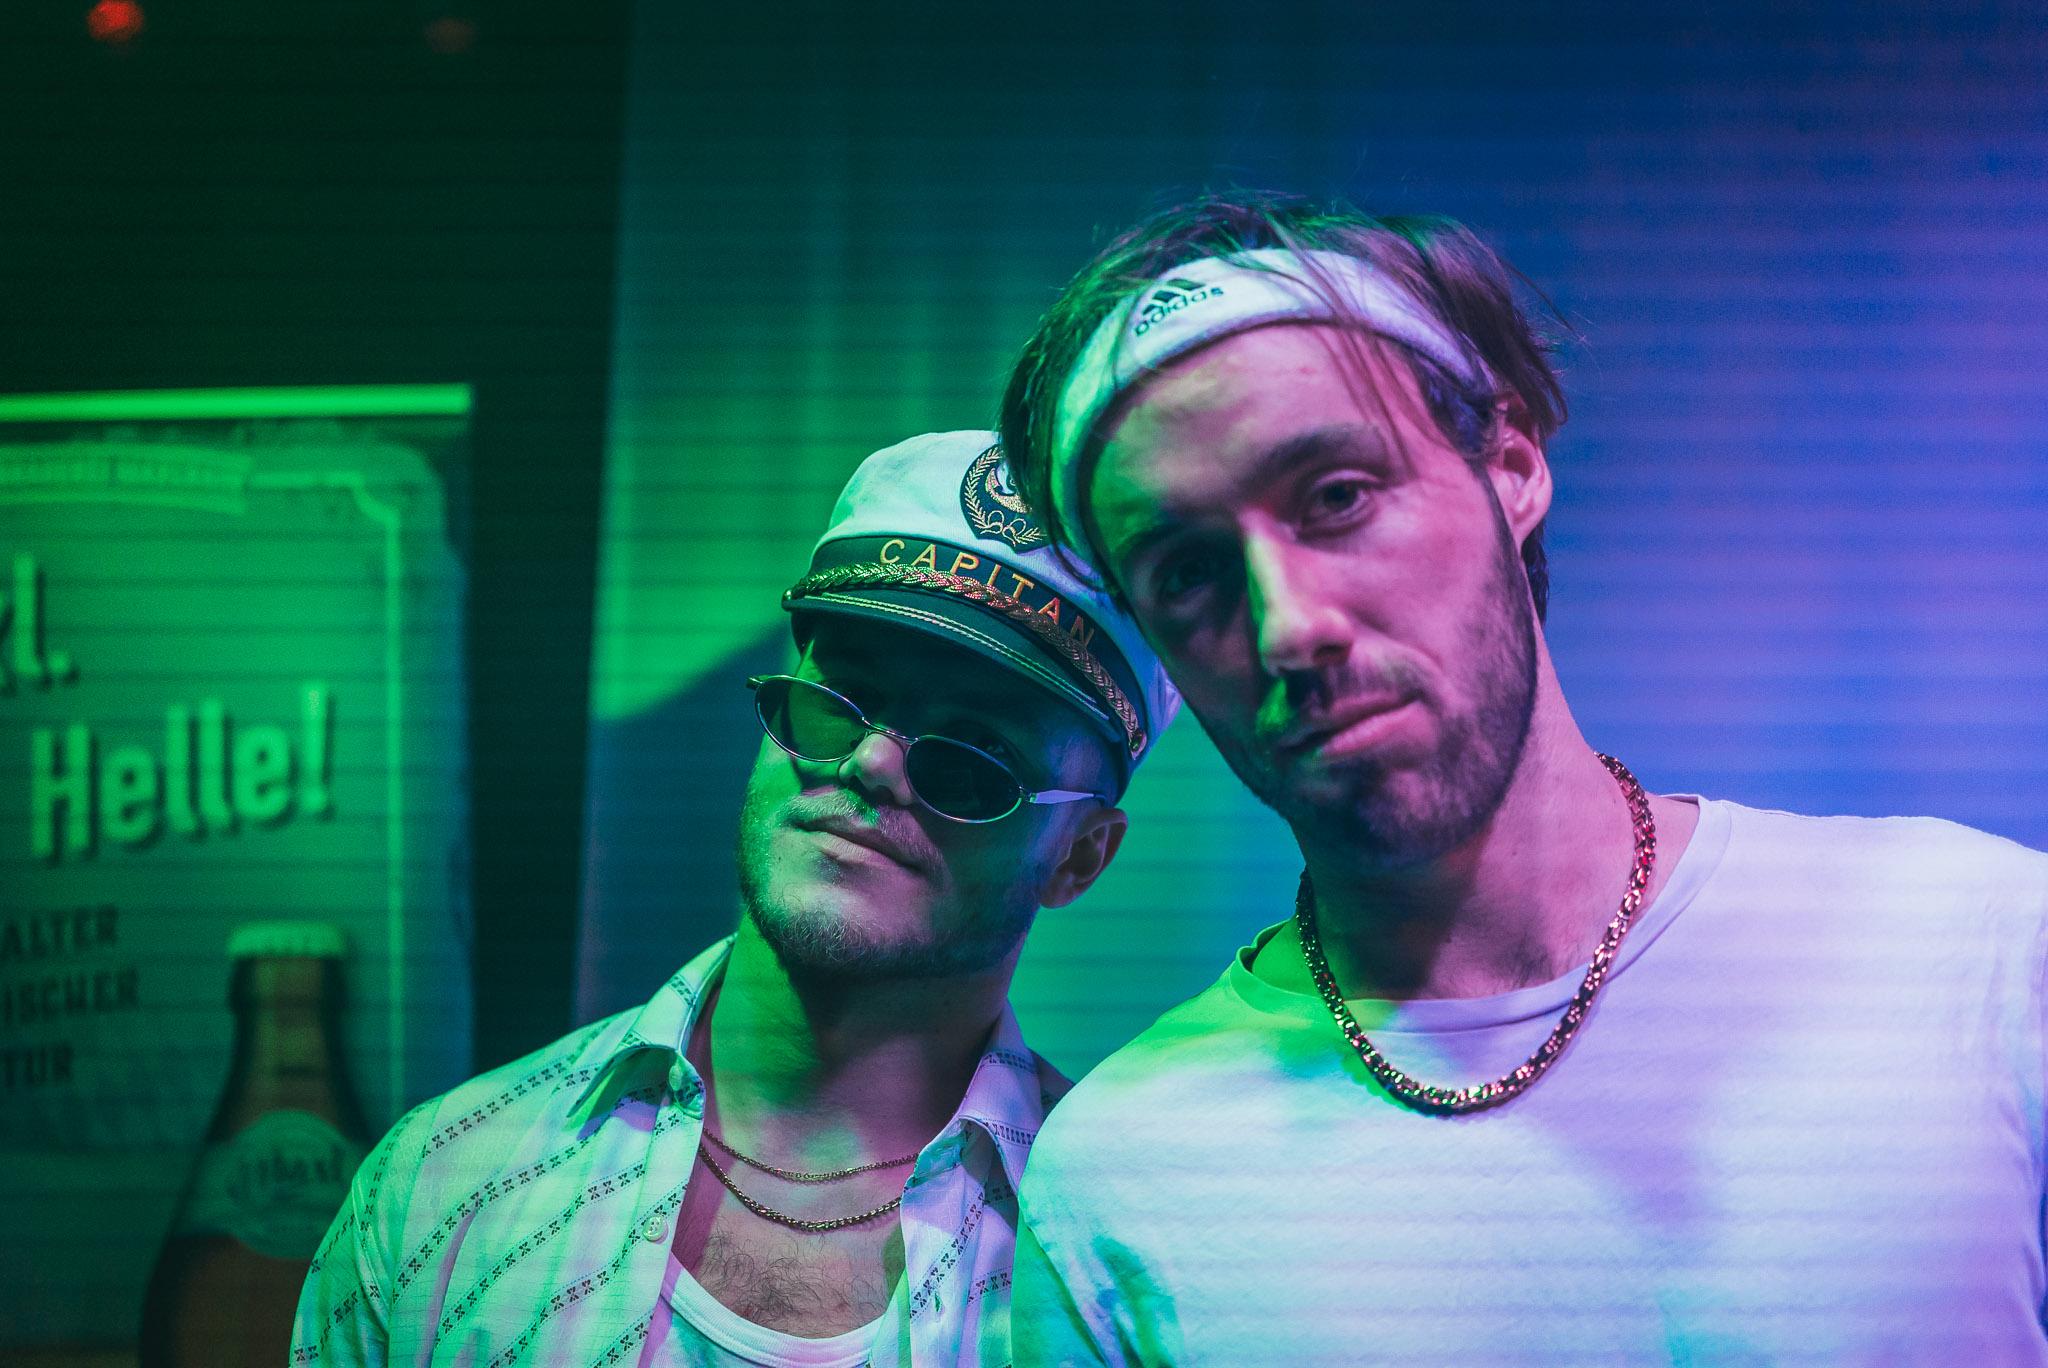 Das spektakuläre DJ Duo, das nach dem Film der Meute einheizte. Wir entschuldigen uns für die schlechte Bildqualität, hatten selber schon ein paar Maxlrainer intus ¯\_(ツ)_/¯.